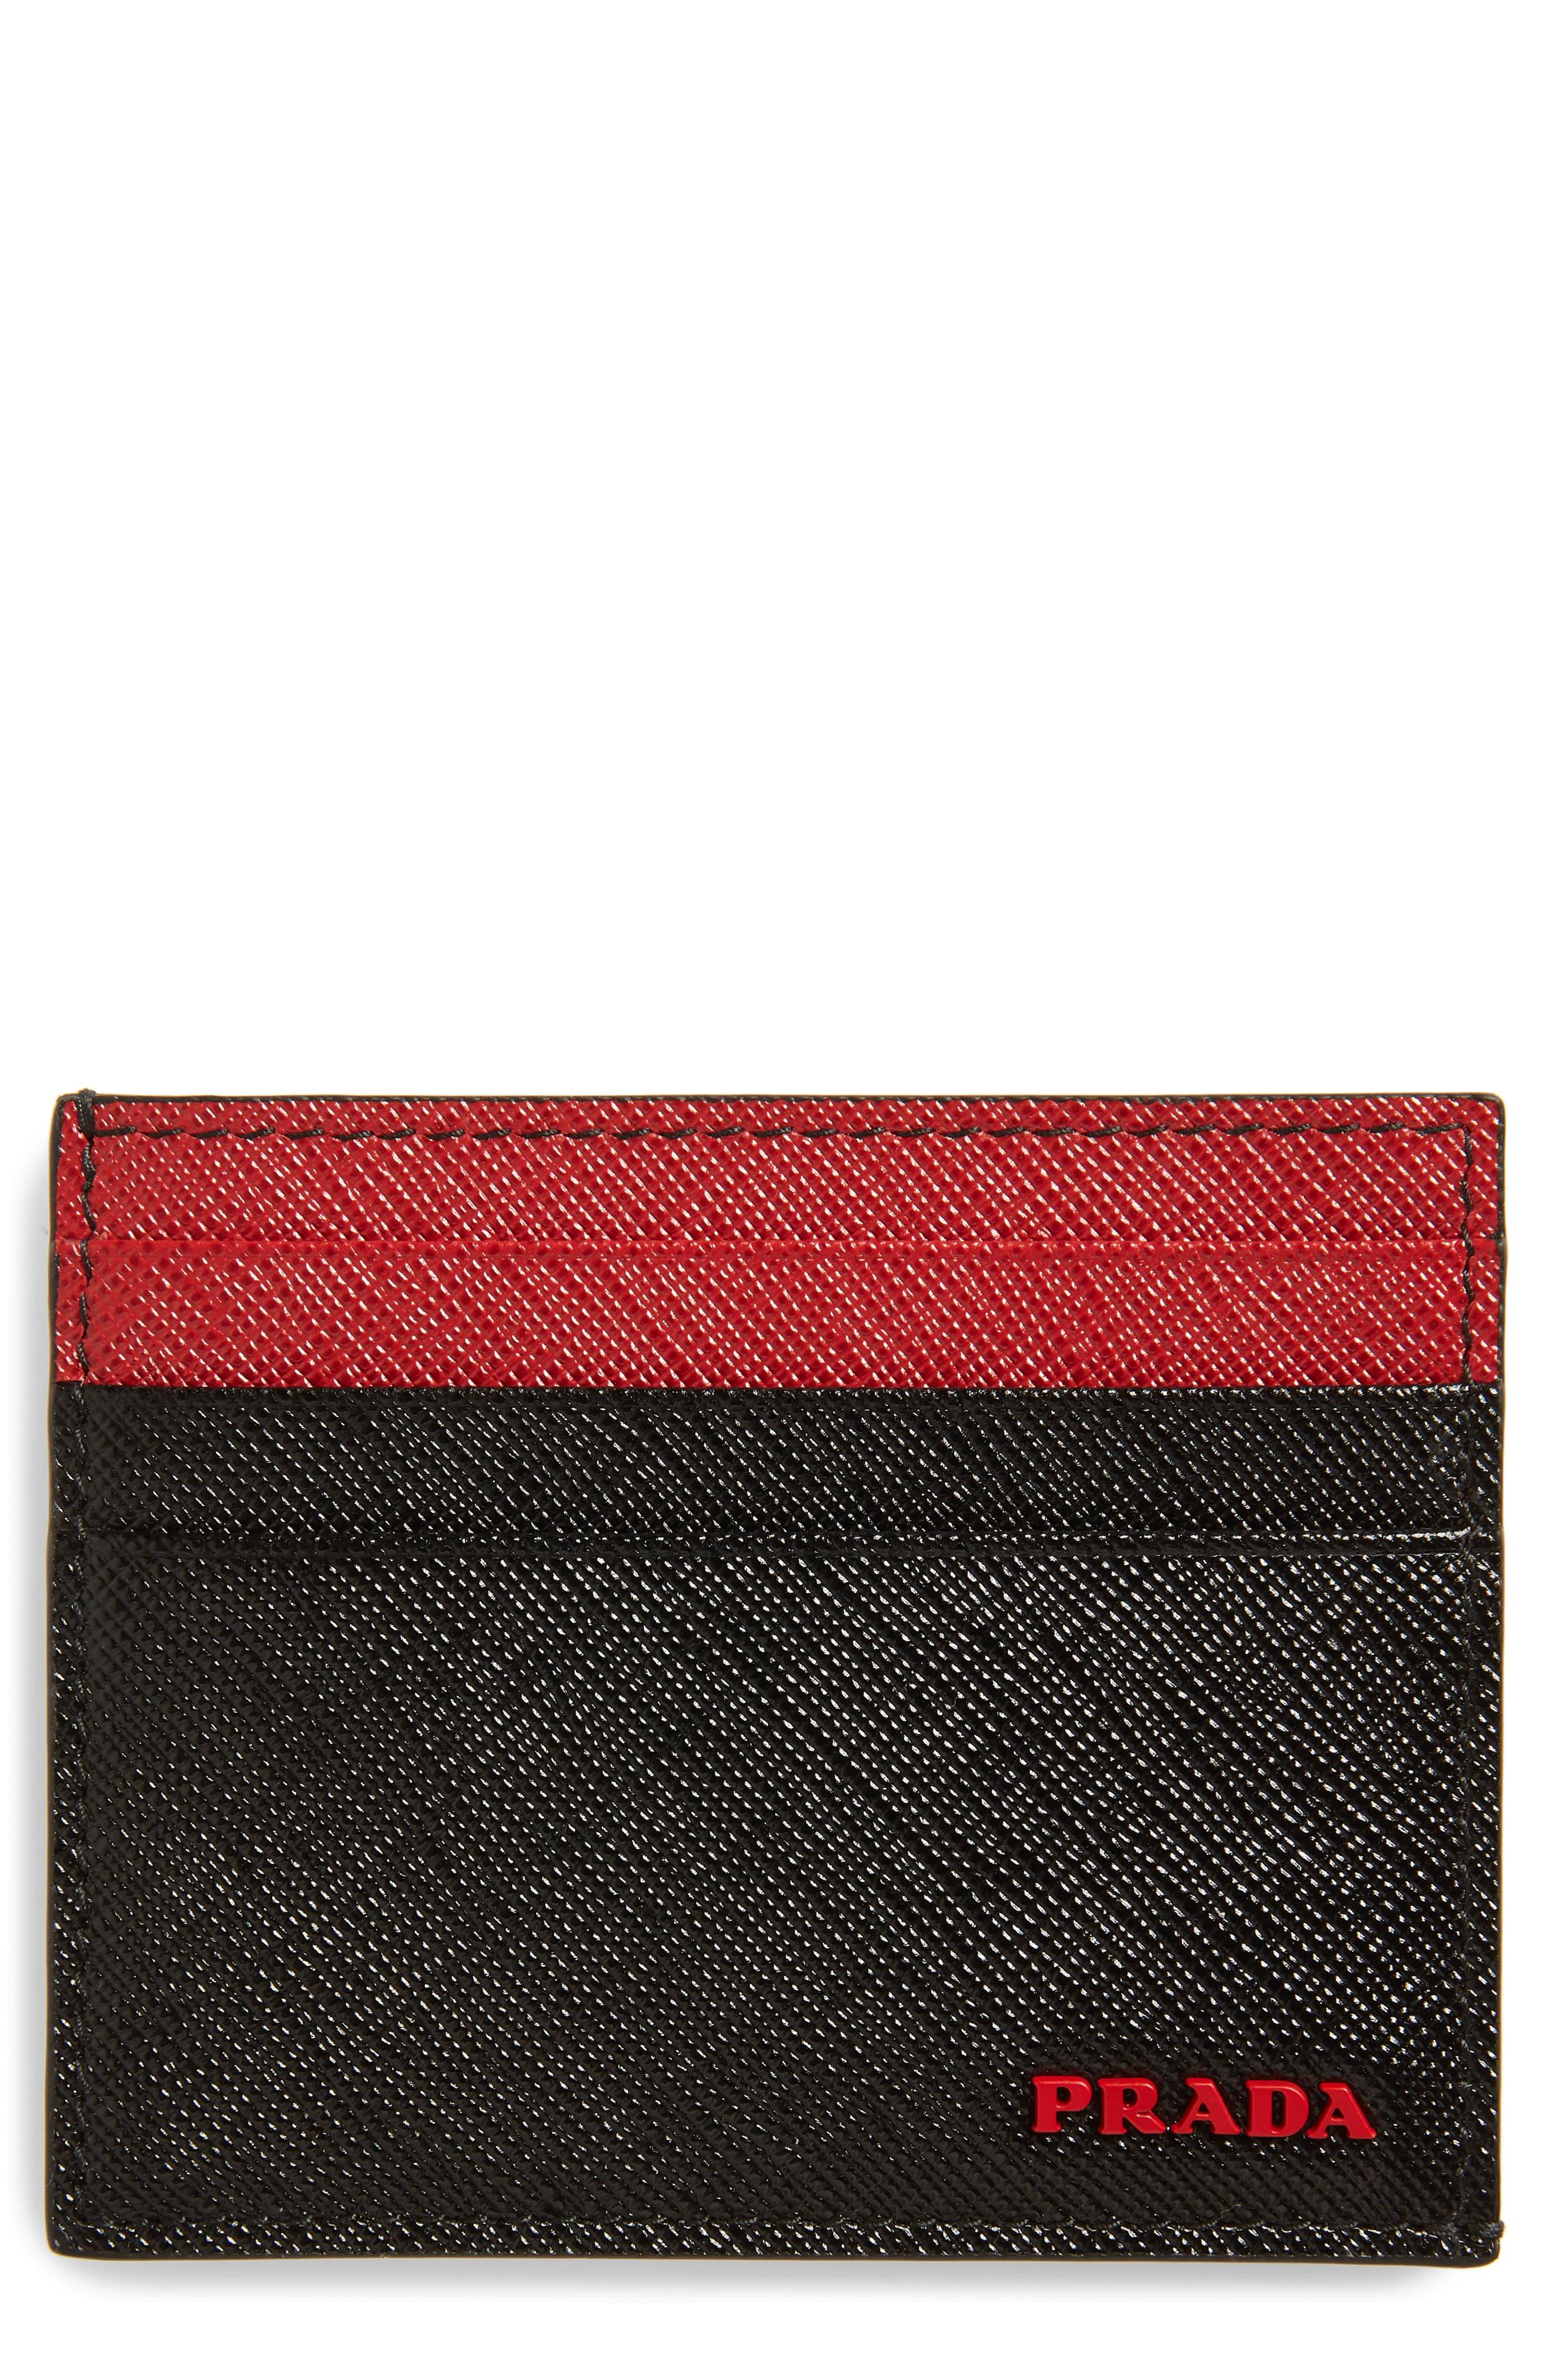 6df9388141df Men's Prada Saffiano Leather Card Case –   The Fashionisto